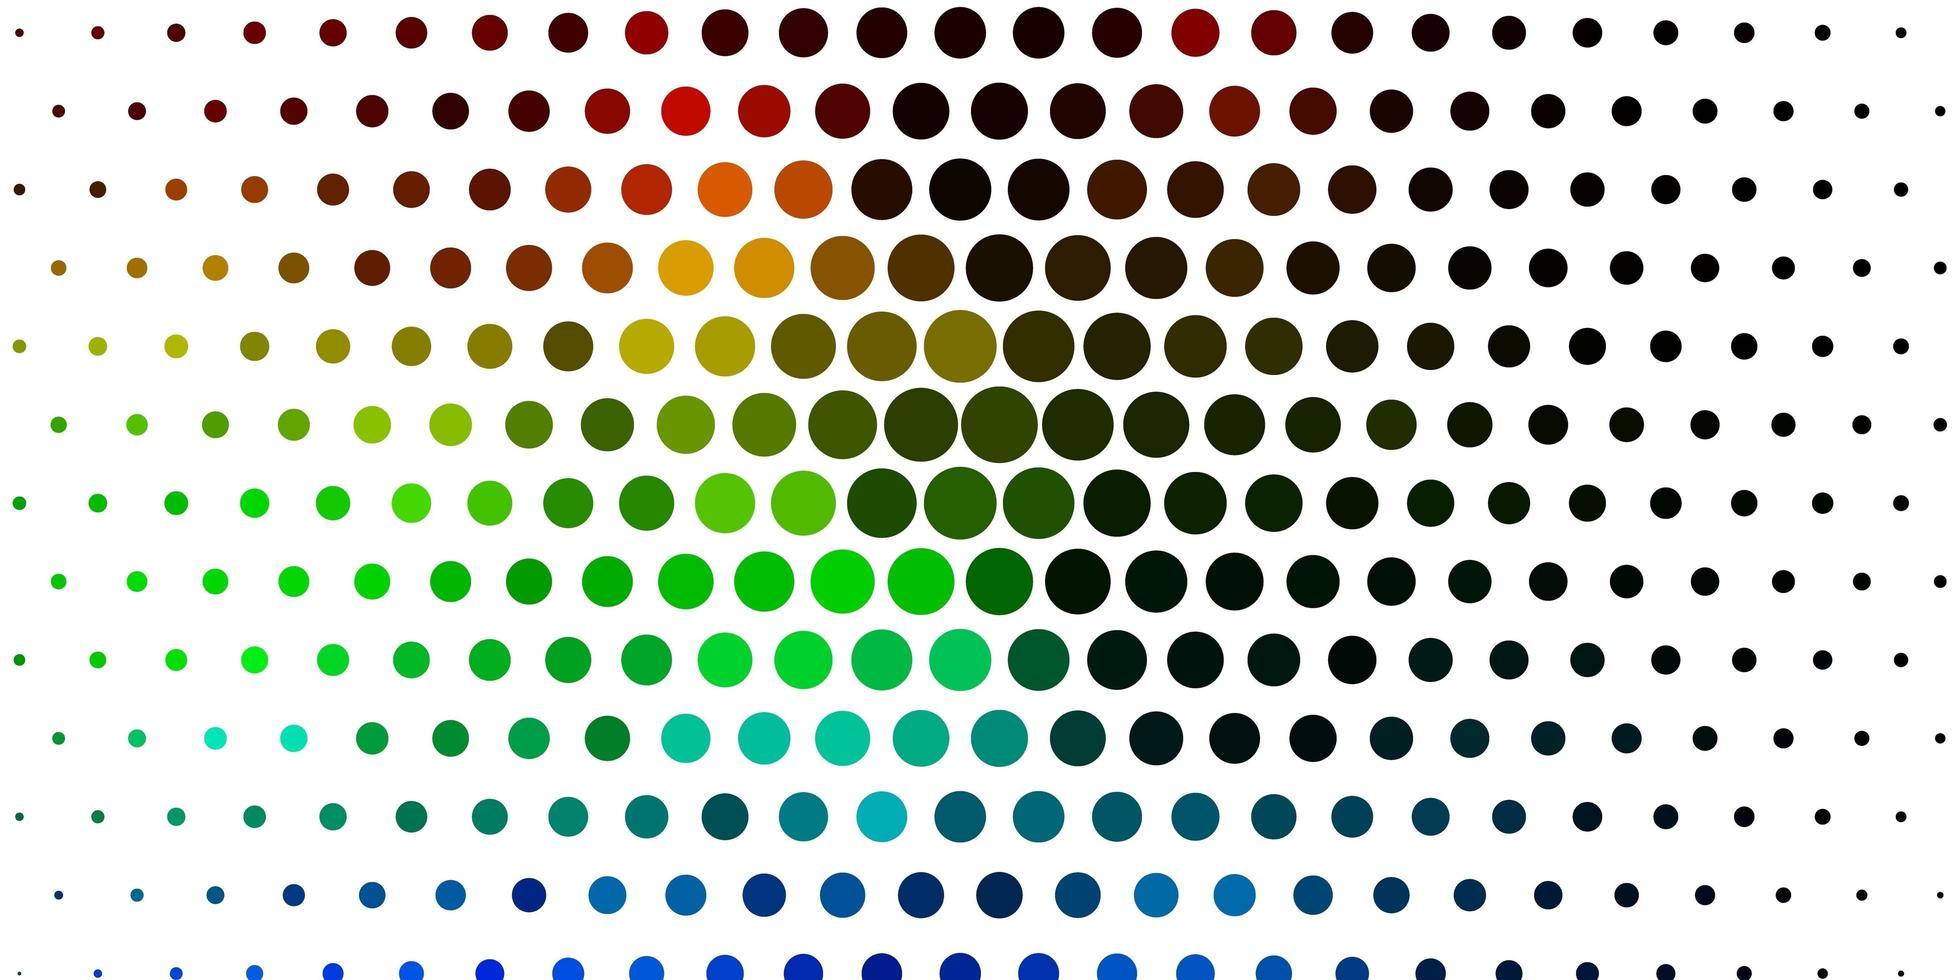 licht veelkleurige vector achtergrond met stippen.